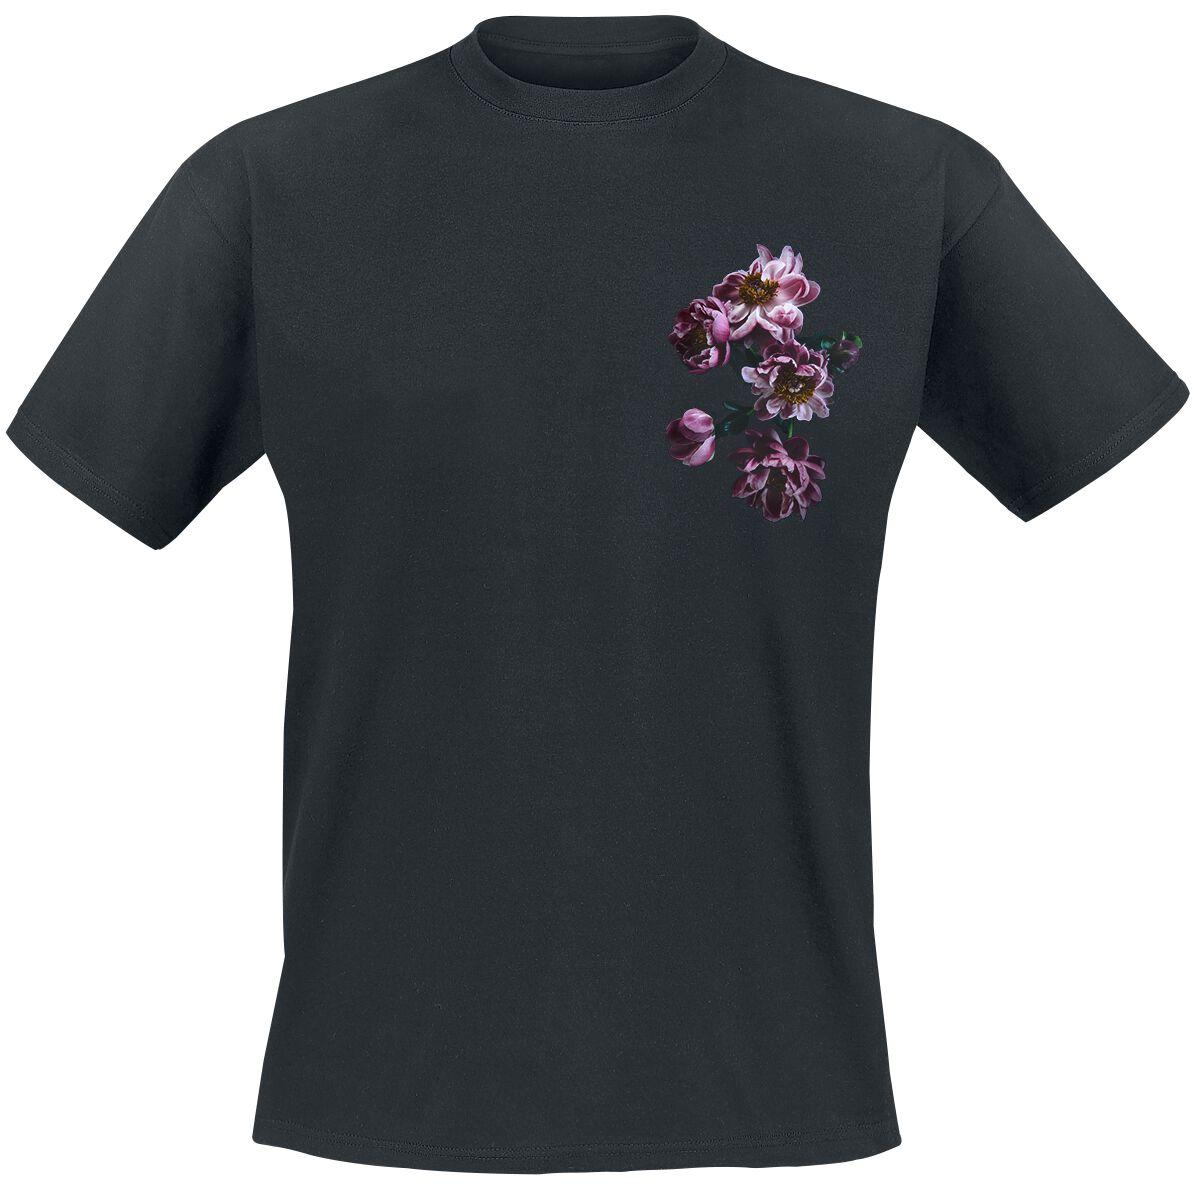 gingercat Pfingstrosen T-Shirt schwarz POD - FOTL Iconic - Pfingstrosen